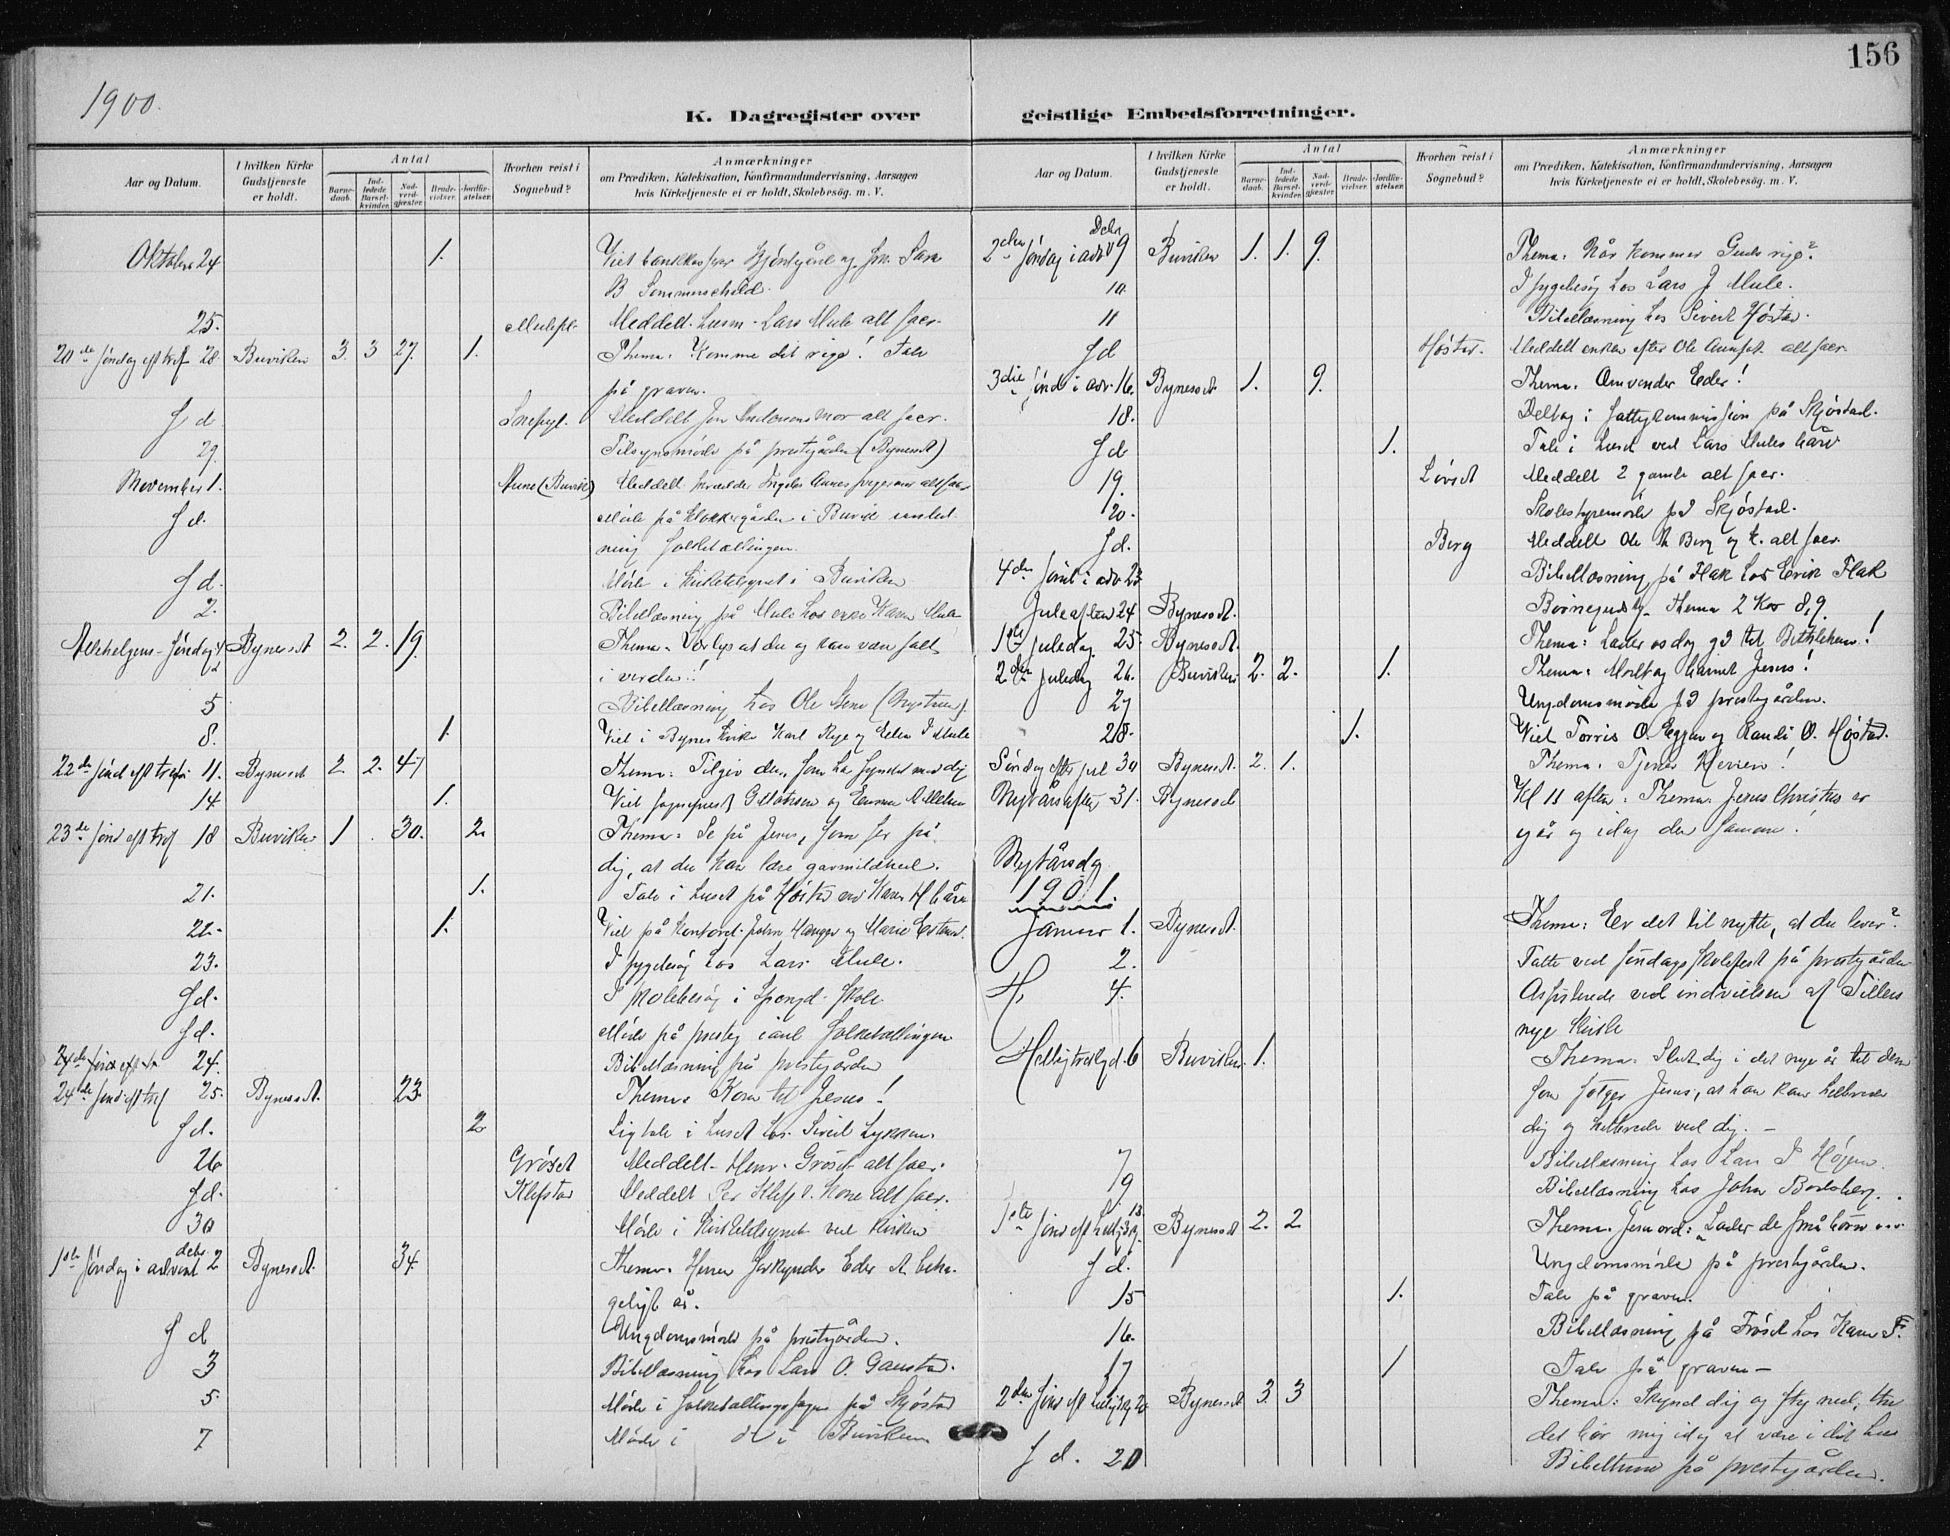 SAT, Ministerialprotokoller, klokkerbøker og fødselsregistre - Sør-Trøndelag, 612/L0380: Ministerialbok nr. 612A12, 1898-1907, s. 156